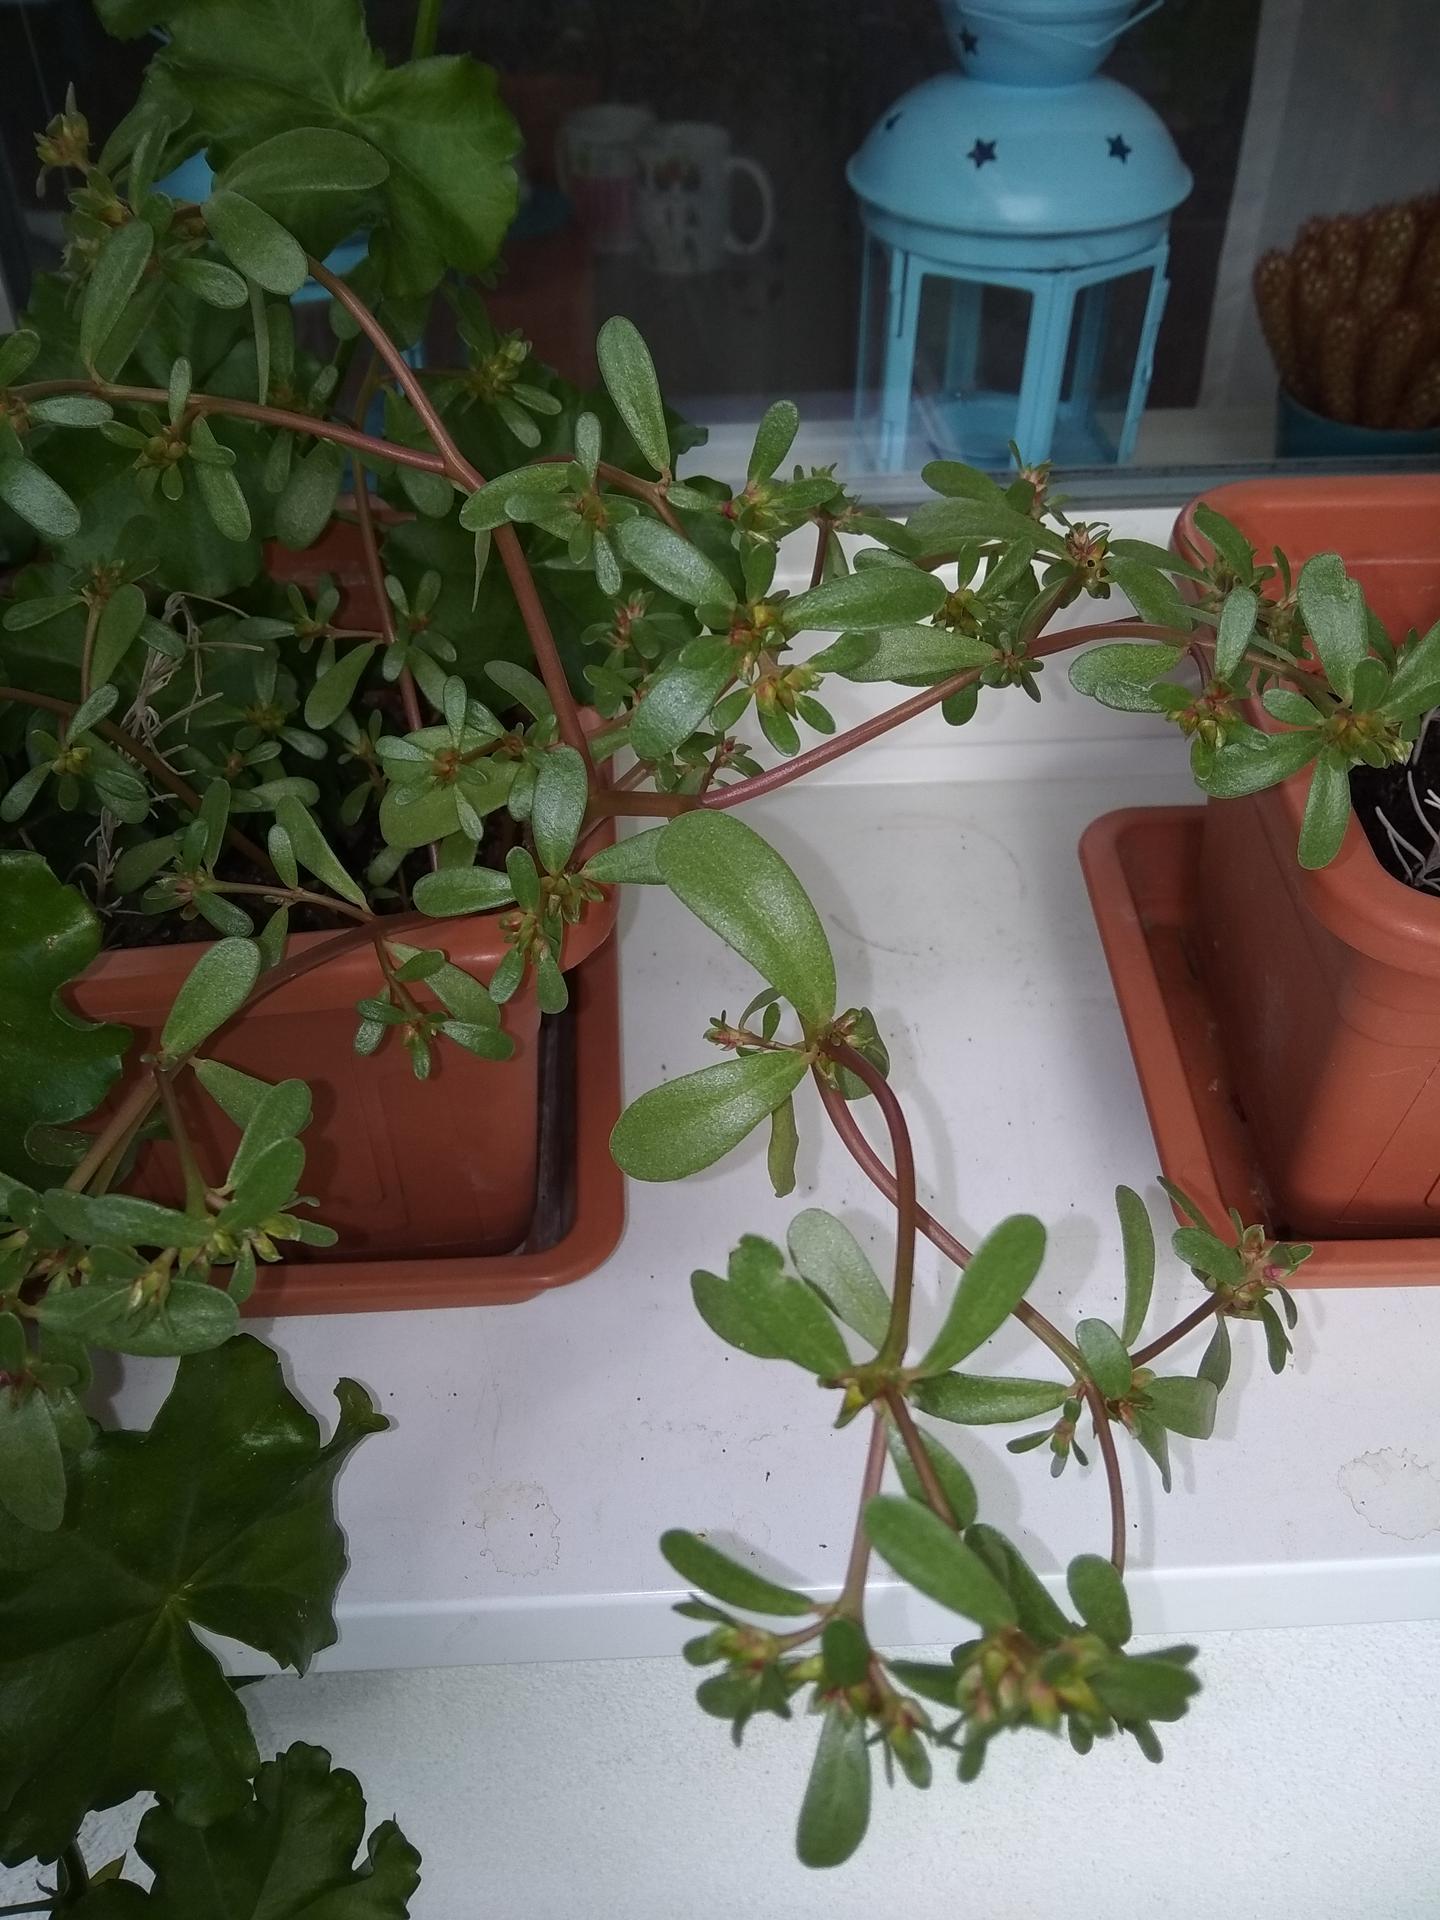 Pekný deň, zasadila som semená... - Obrázok č. 1